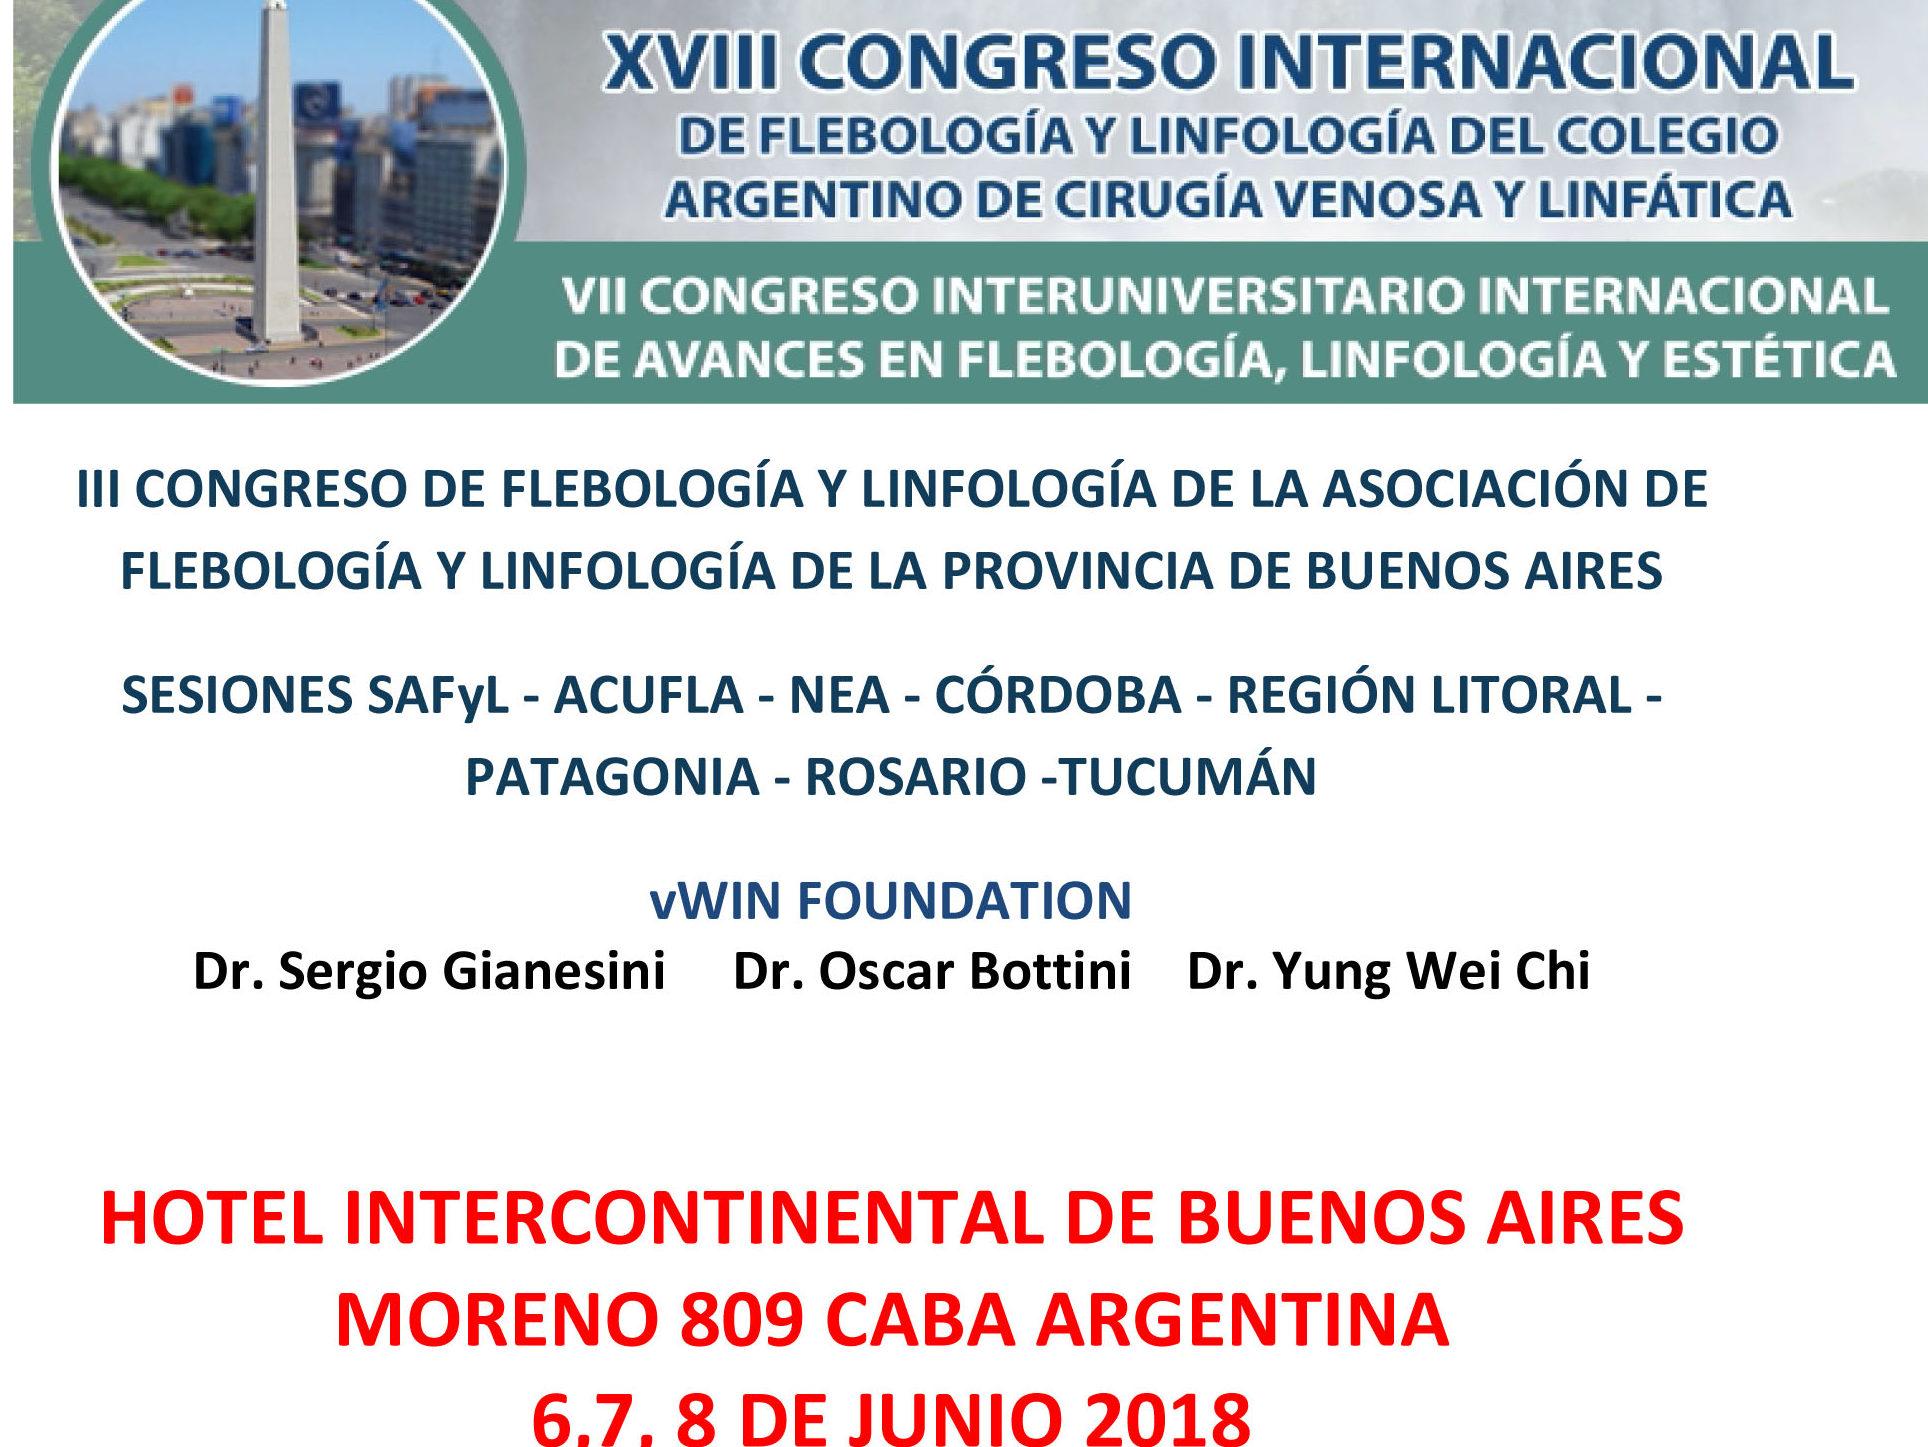 6 al 8 de Junio – XVIII Congreso Internacional de Flebología y Linfología (CACVYL) – Hotel Intecontinental – Buenos Aires